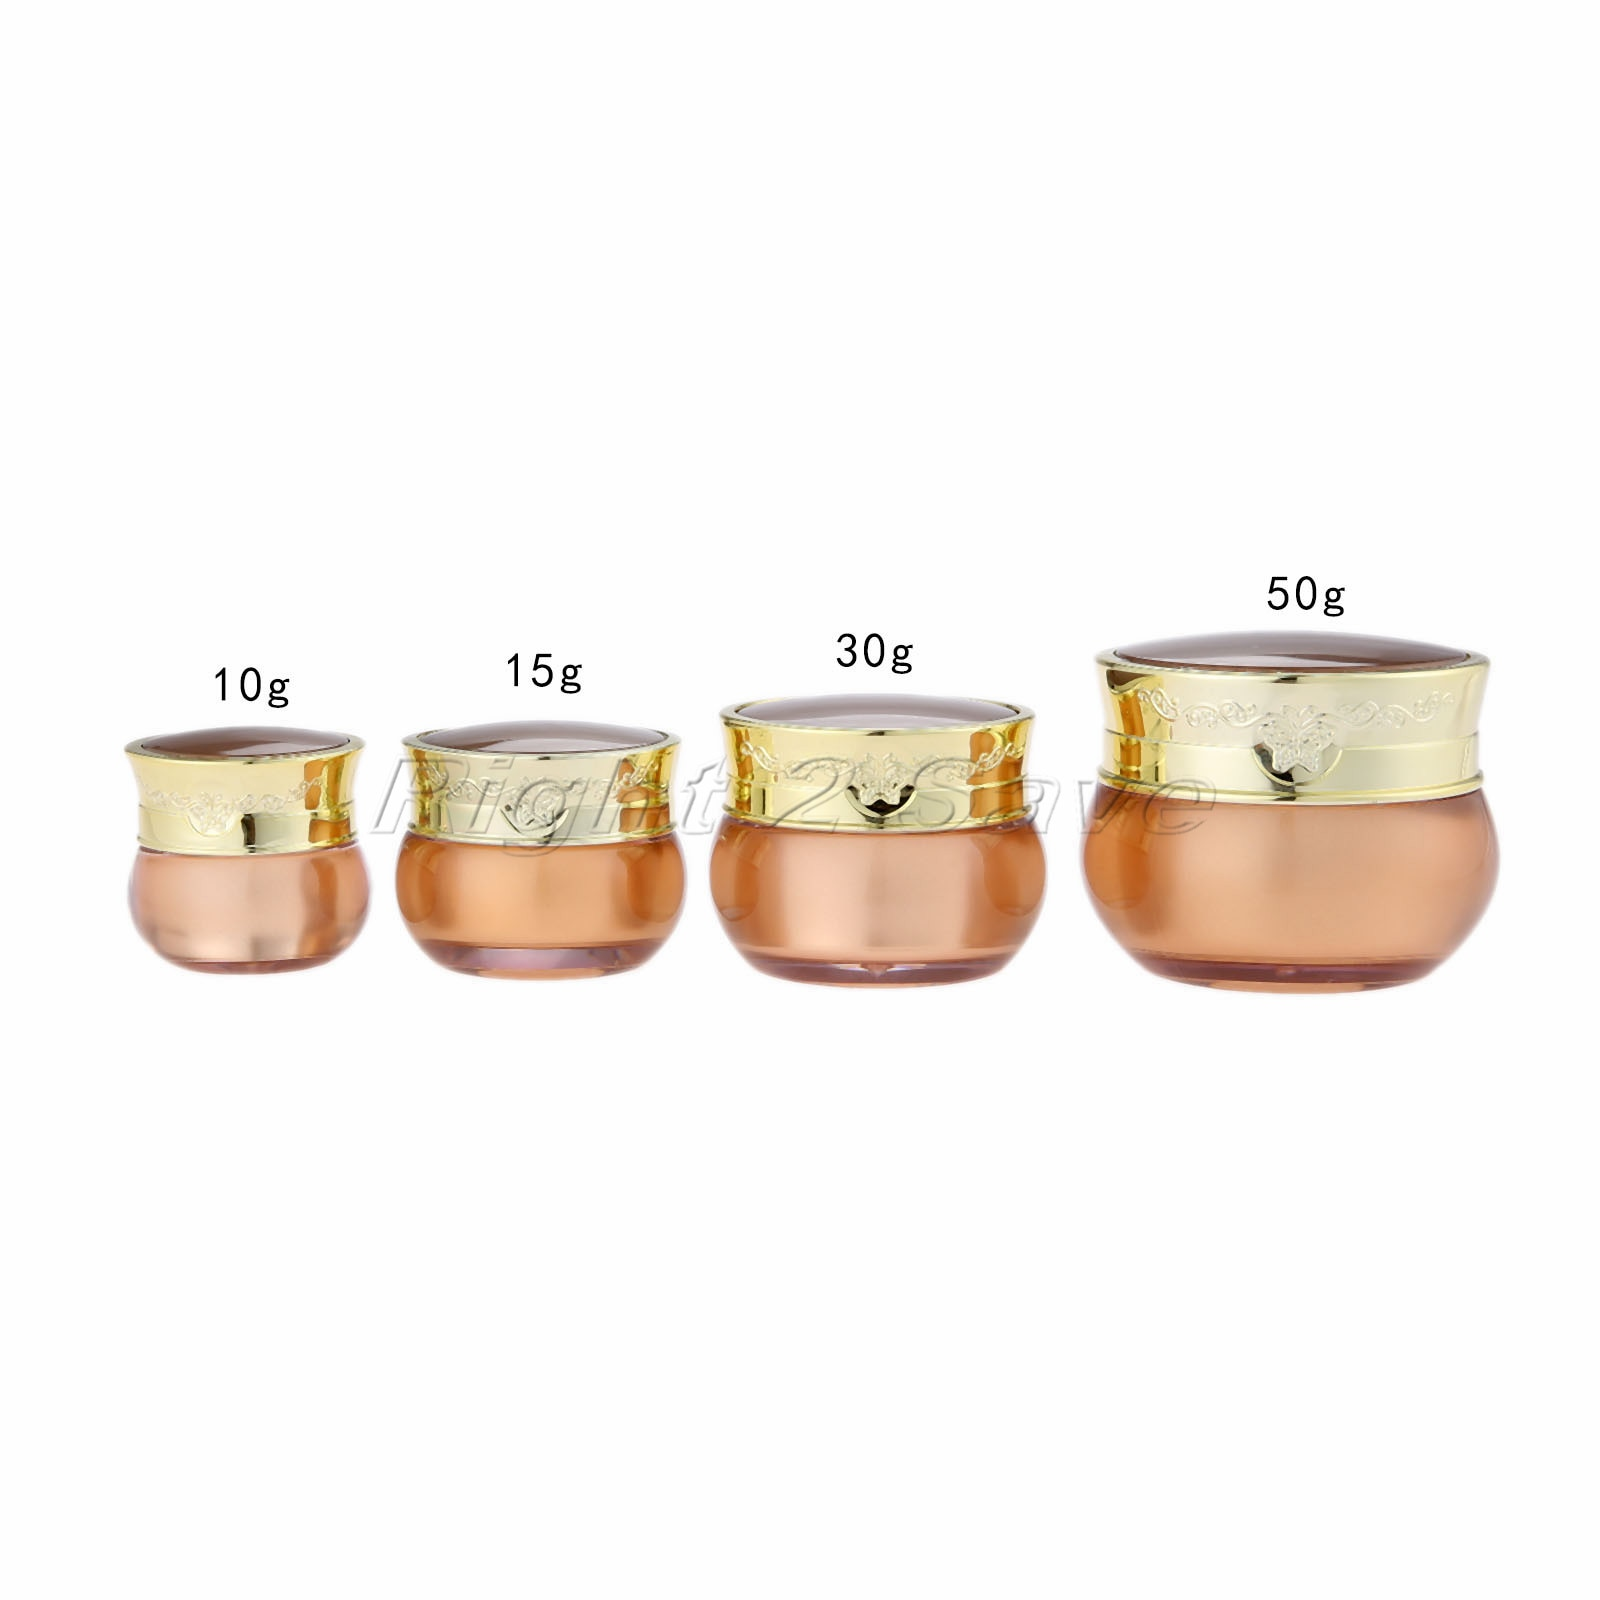 Tarro de acrílico 10g/15g/30g/50g oro Crema de Cara de olla envase cosmético mariposa decoración vacía botella de embalaje botella de viaje portátil